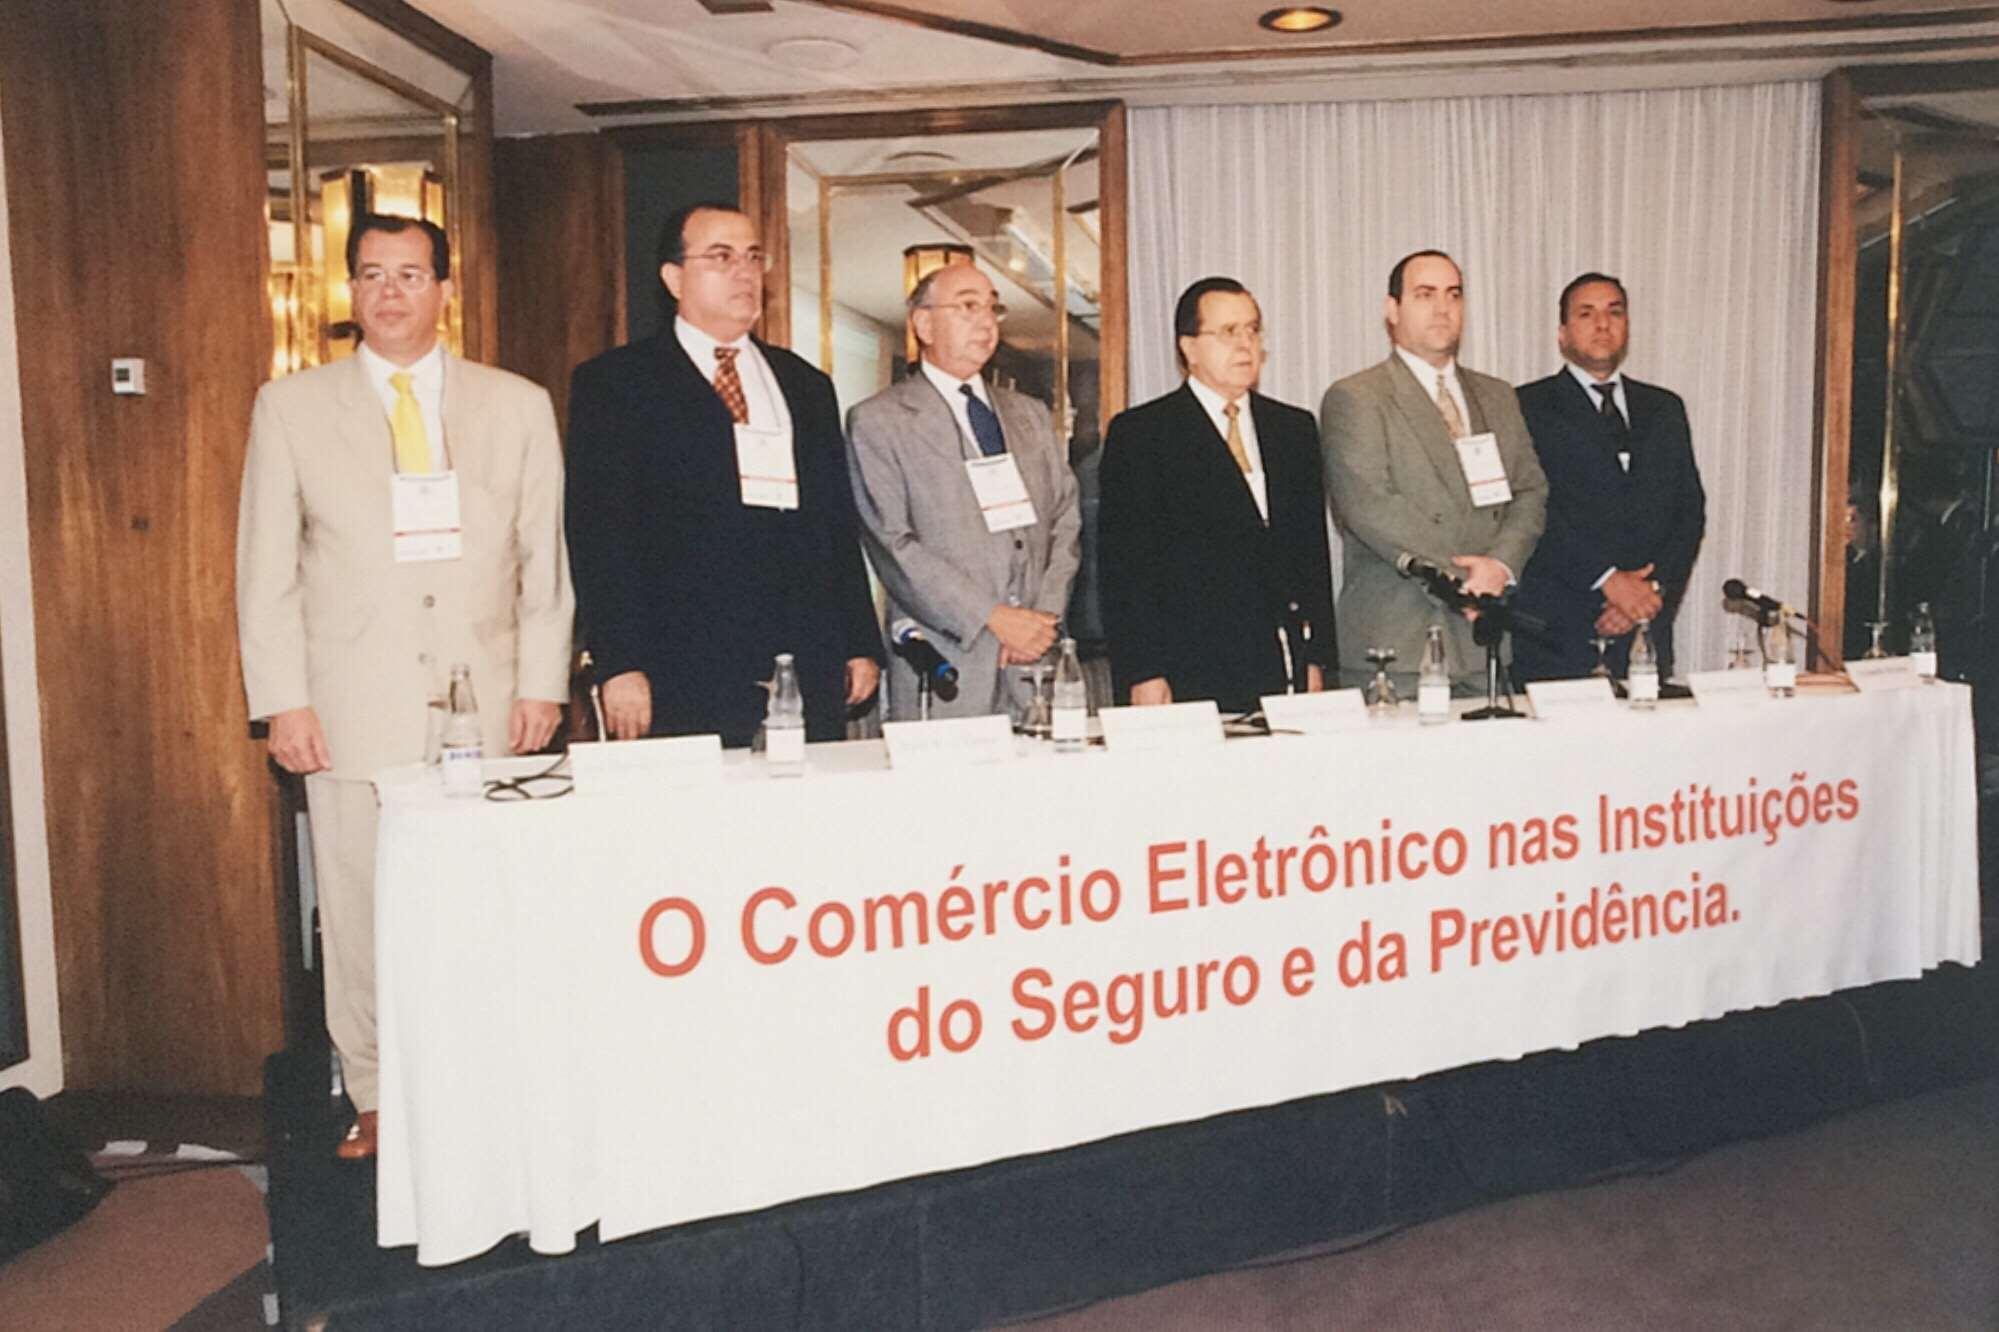 Seminário – O Comércio Eletrônico nas Instituições do Seguro e da Previdência  – Novembro 2000